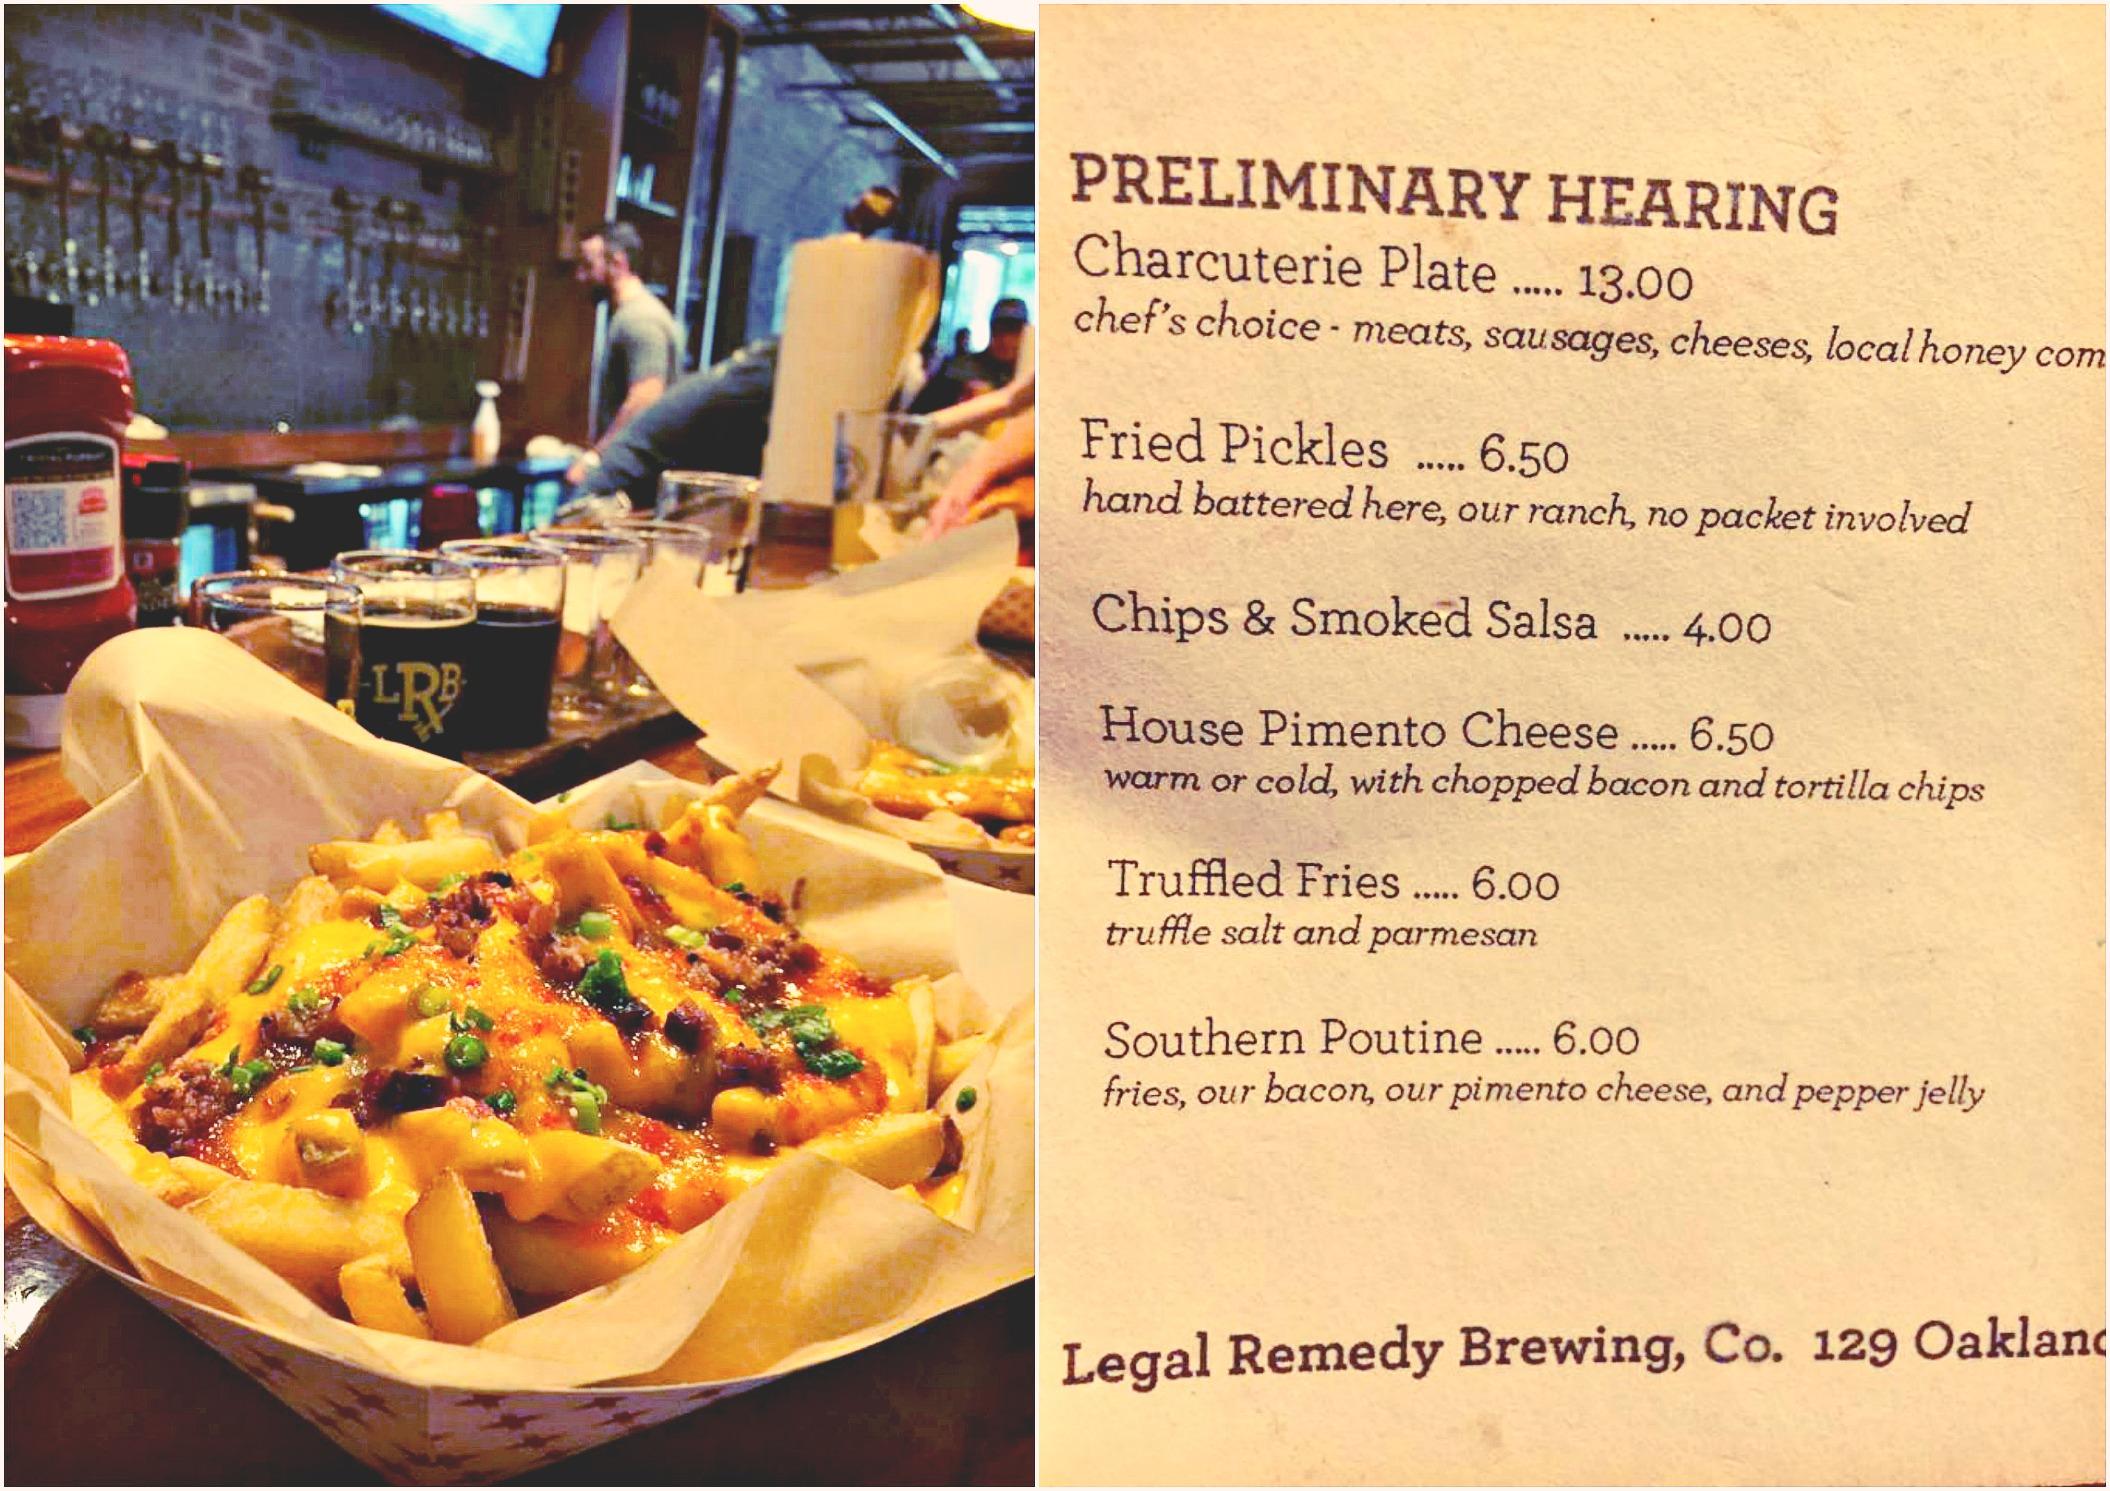 Legal Remedy Brewery Rock Hill SC Southern Poutine